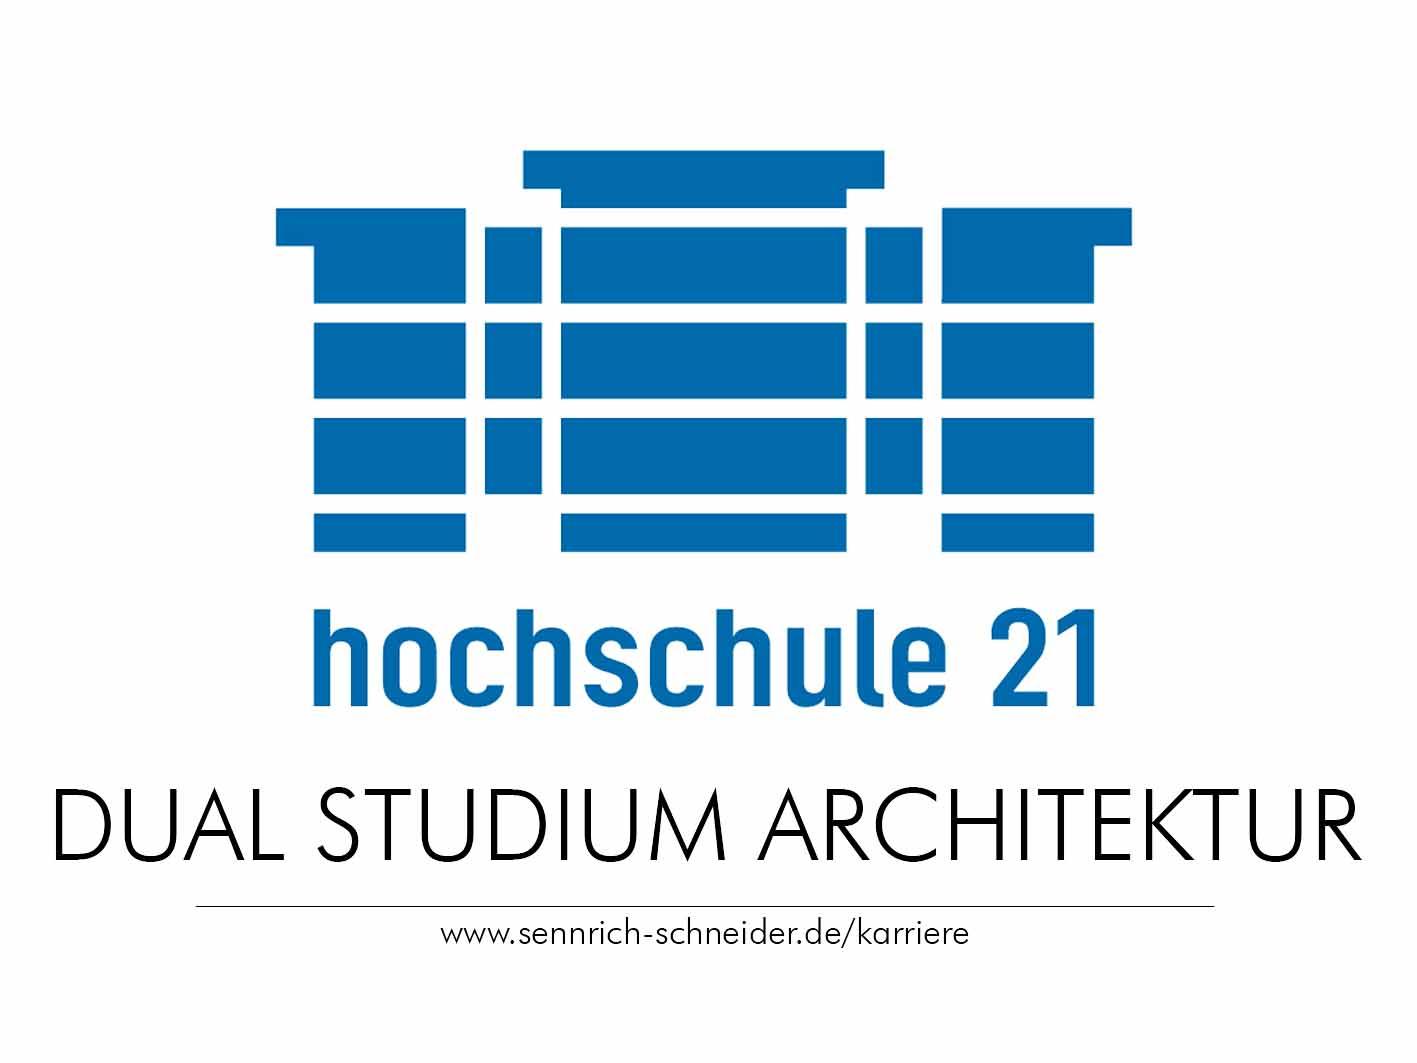 Logo für Dual studieren Architektur